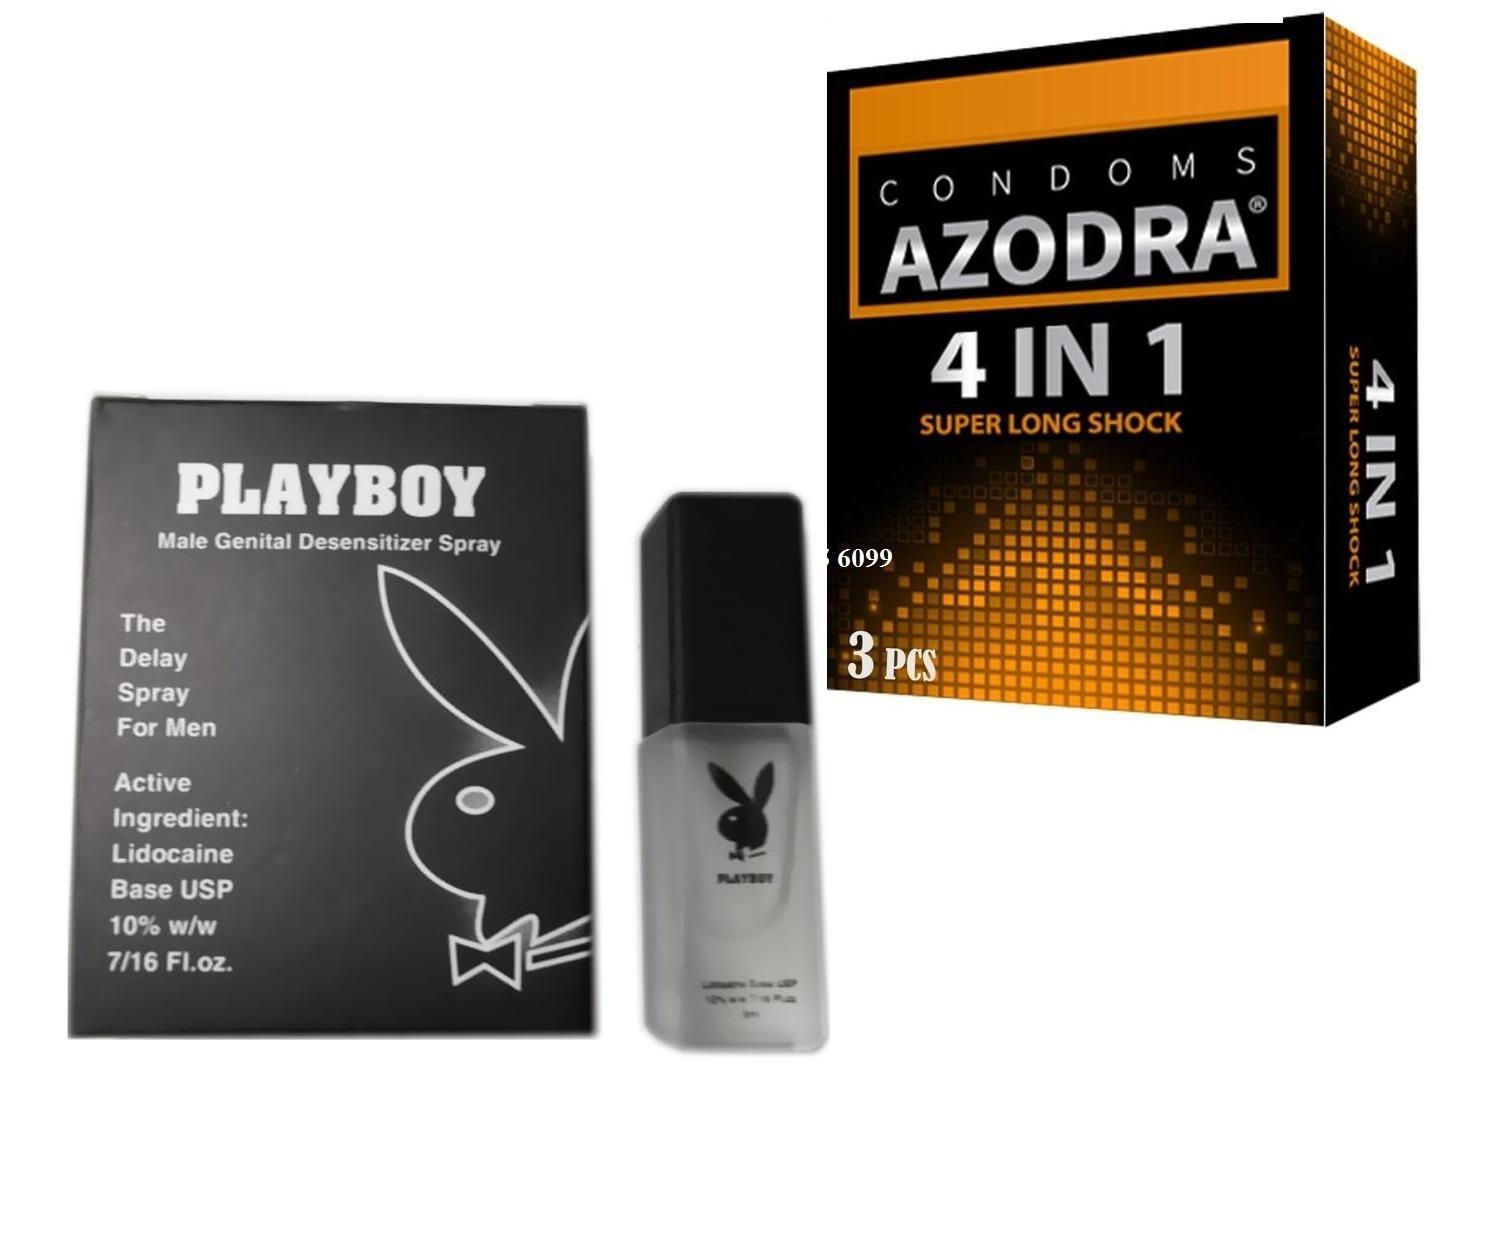 Bộ 1 Chai xịt kéo dài thời gian Playboy tặng 1 BCS AZODRA hộp 3 cái nhập khẩu